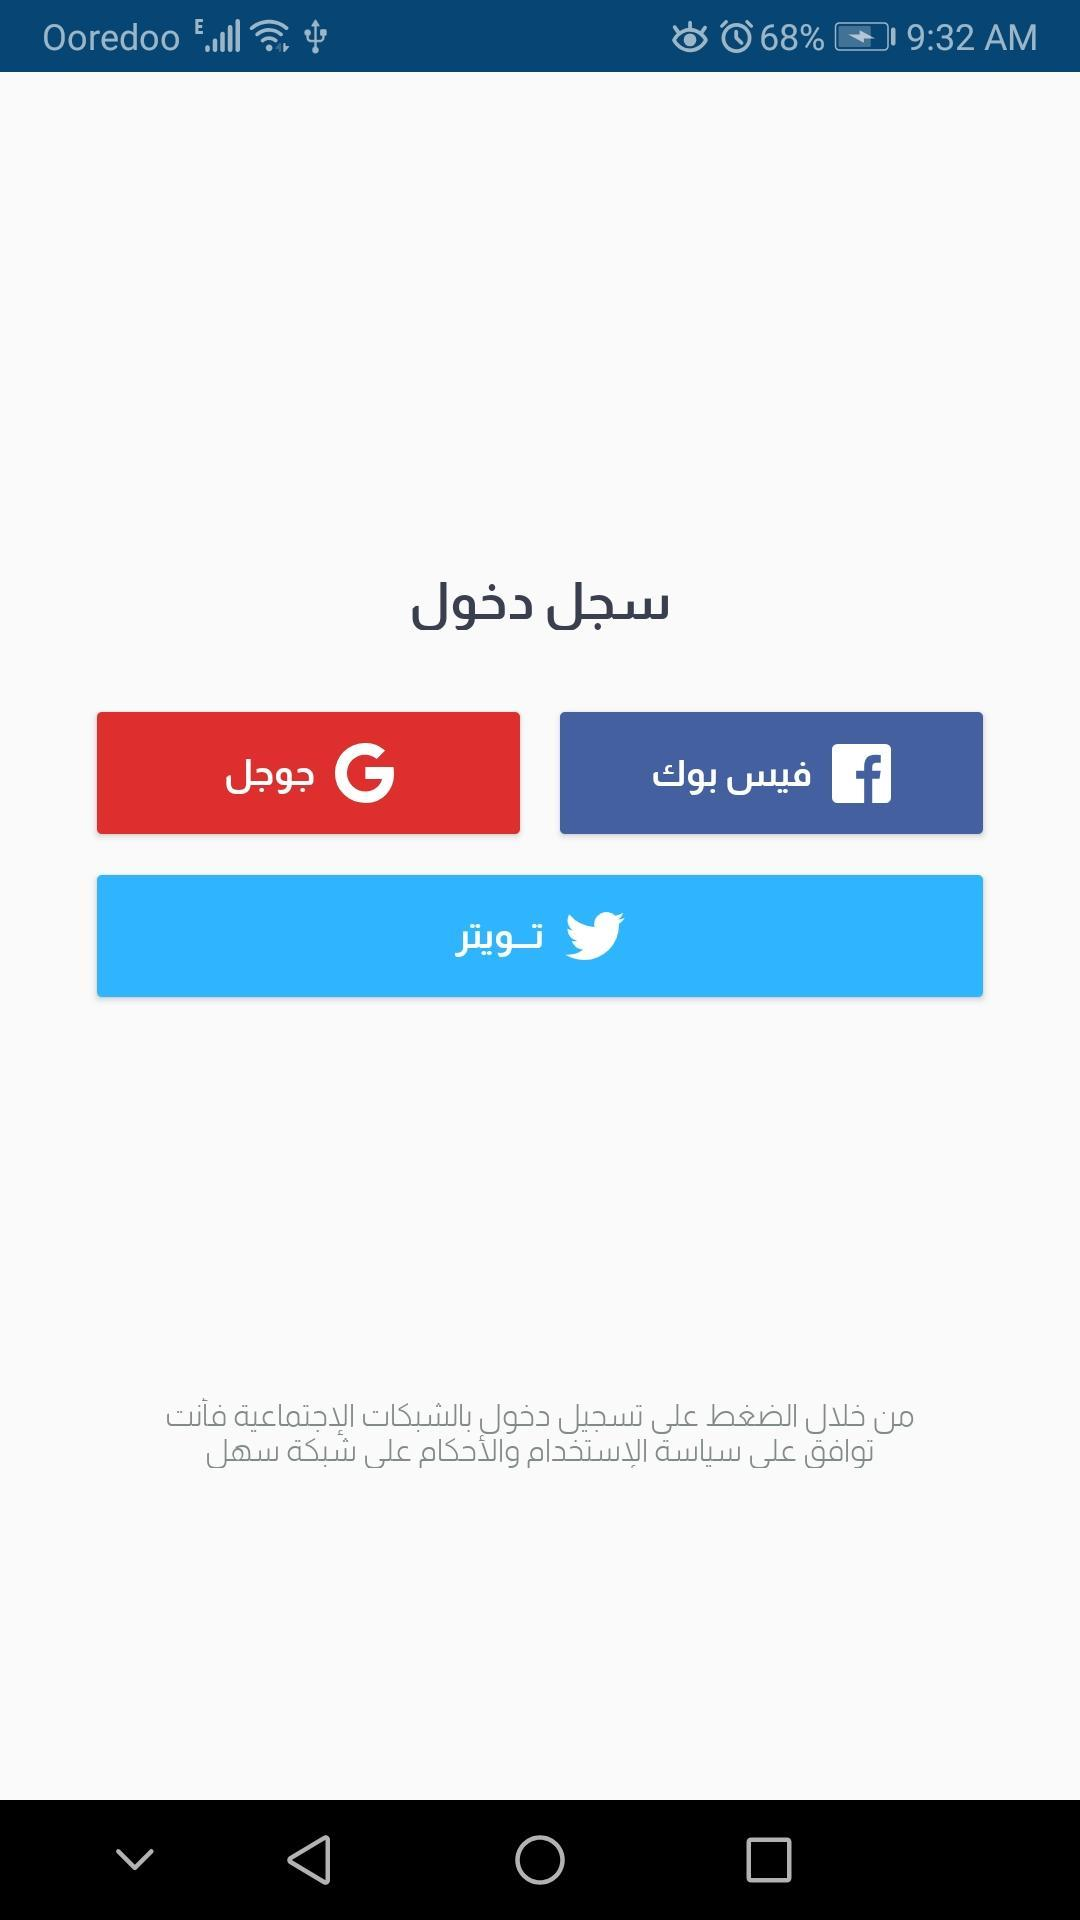 المنهج السعودي ومنصة سهل 11